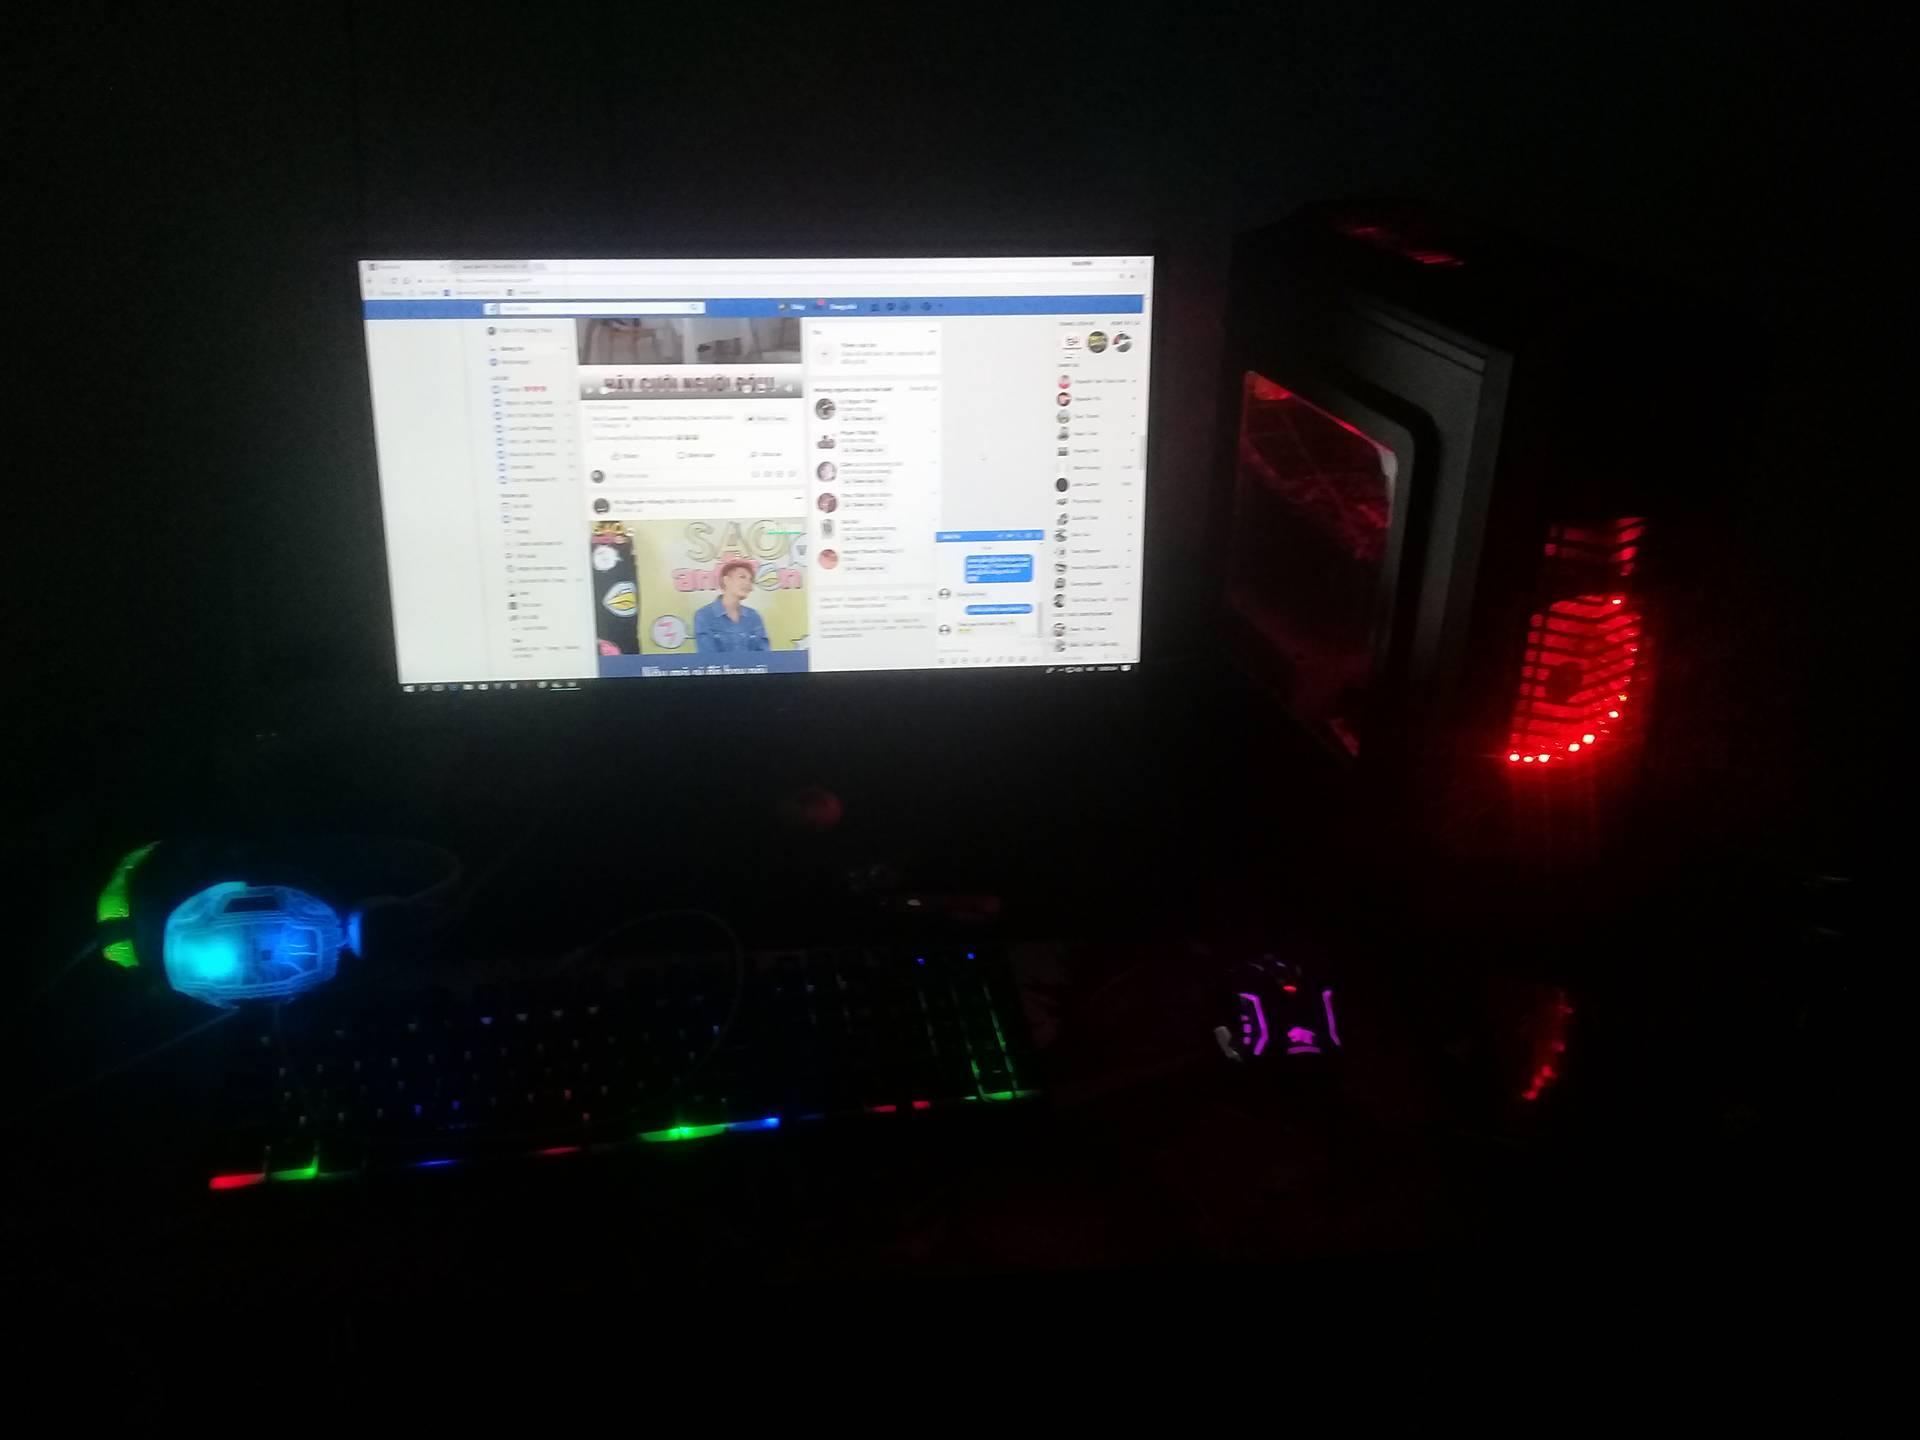 Hình ảnh Bộ máy tính LOL, FFO, ROS mượt và màn hình 20 inch